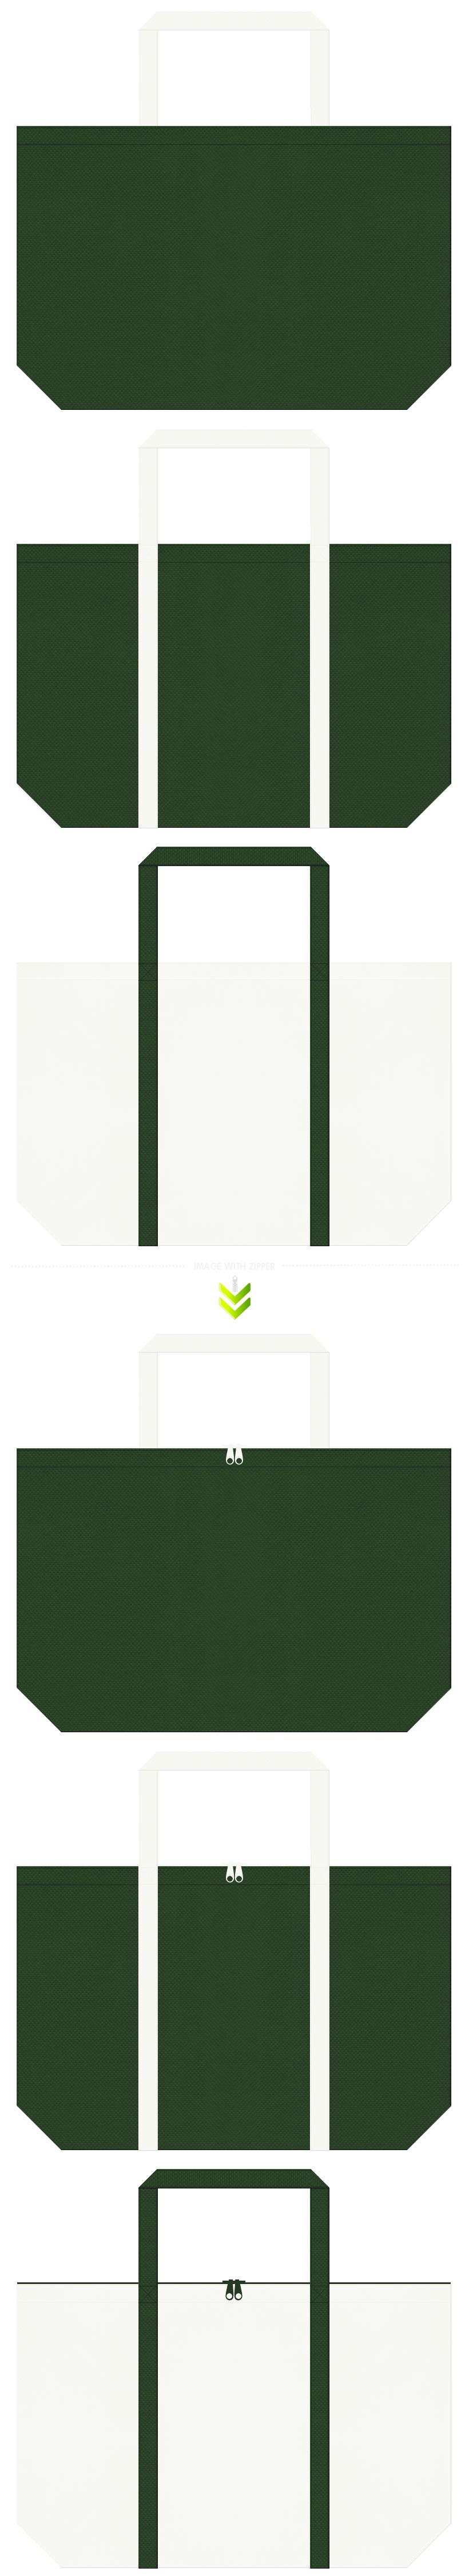 濃緑色とオフホワイト色の不織布エコバッグのデザイン。救急用品・お薬のイメージにお奨めの配色です。